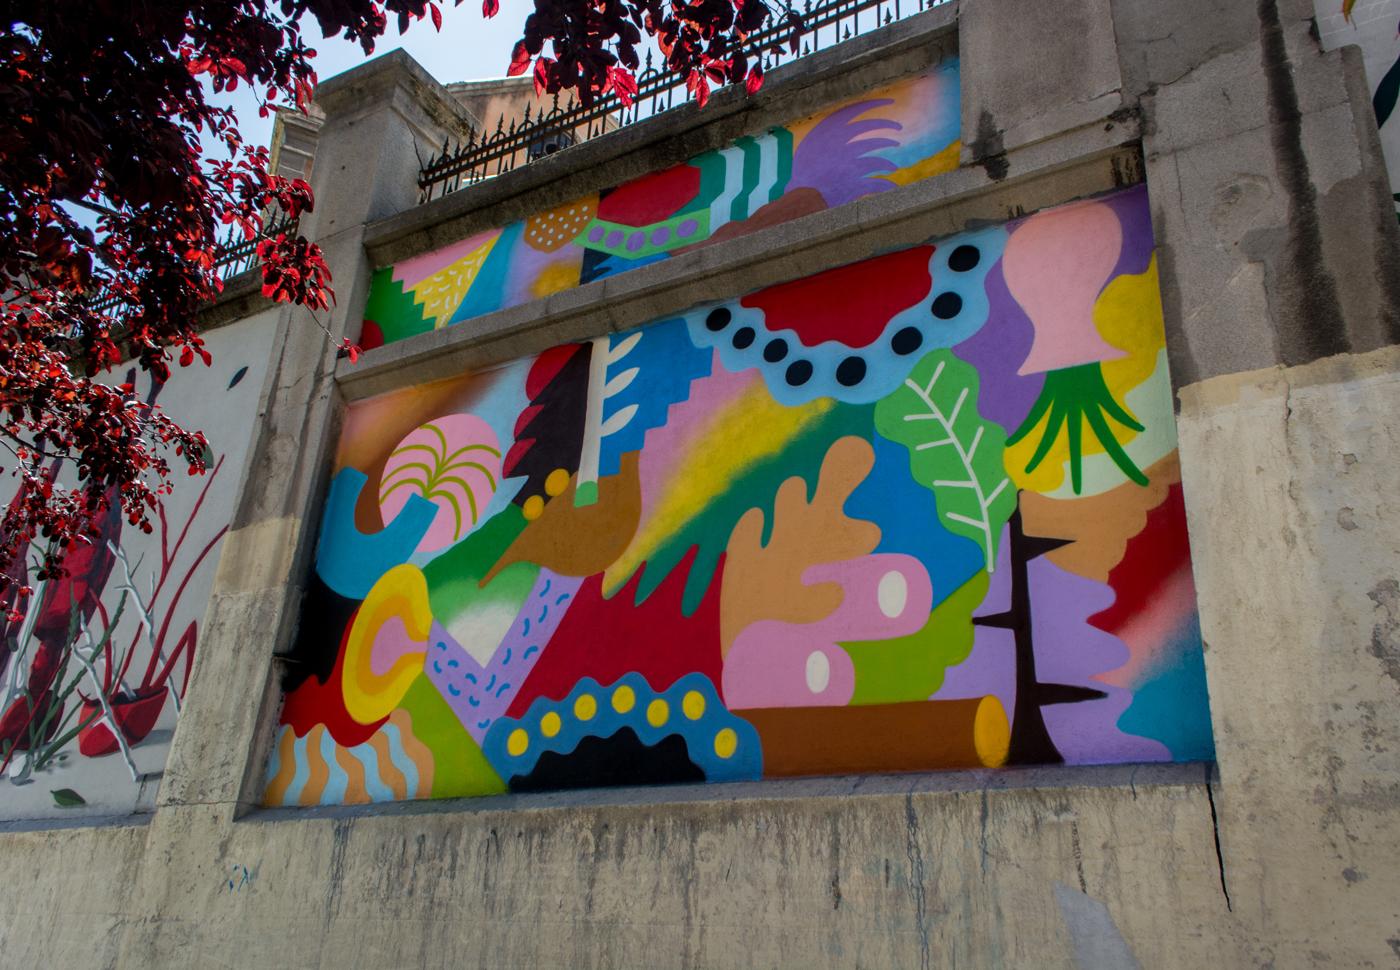 Zosen - MurosTabacalera by Guillermo de la Madrid - Madrid Street Art Project.jpg